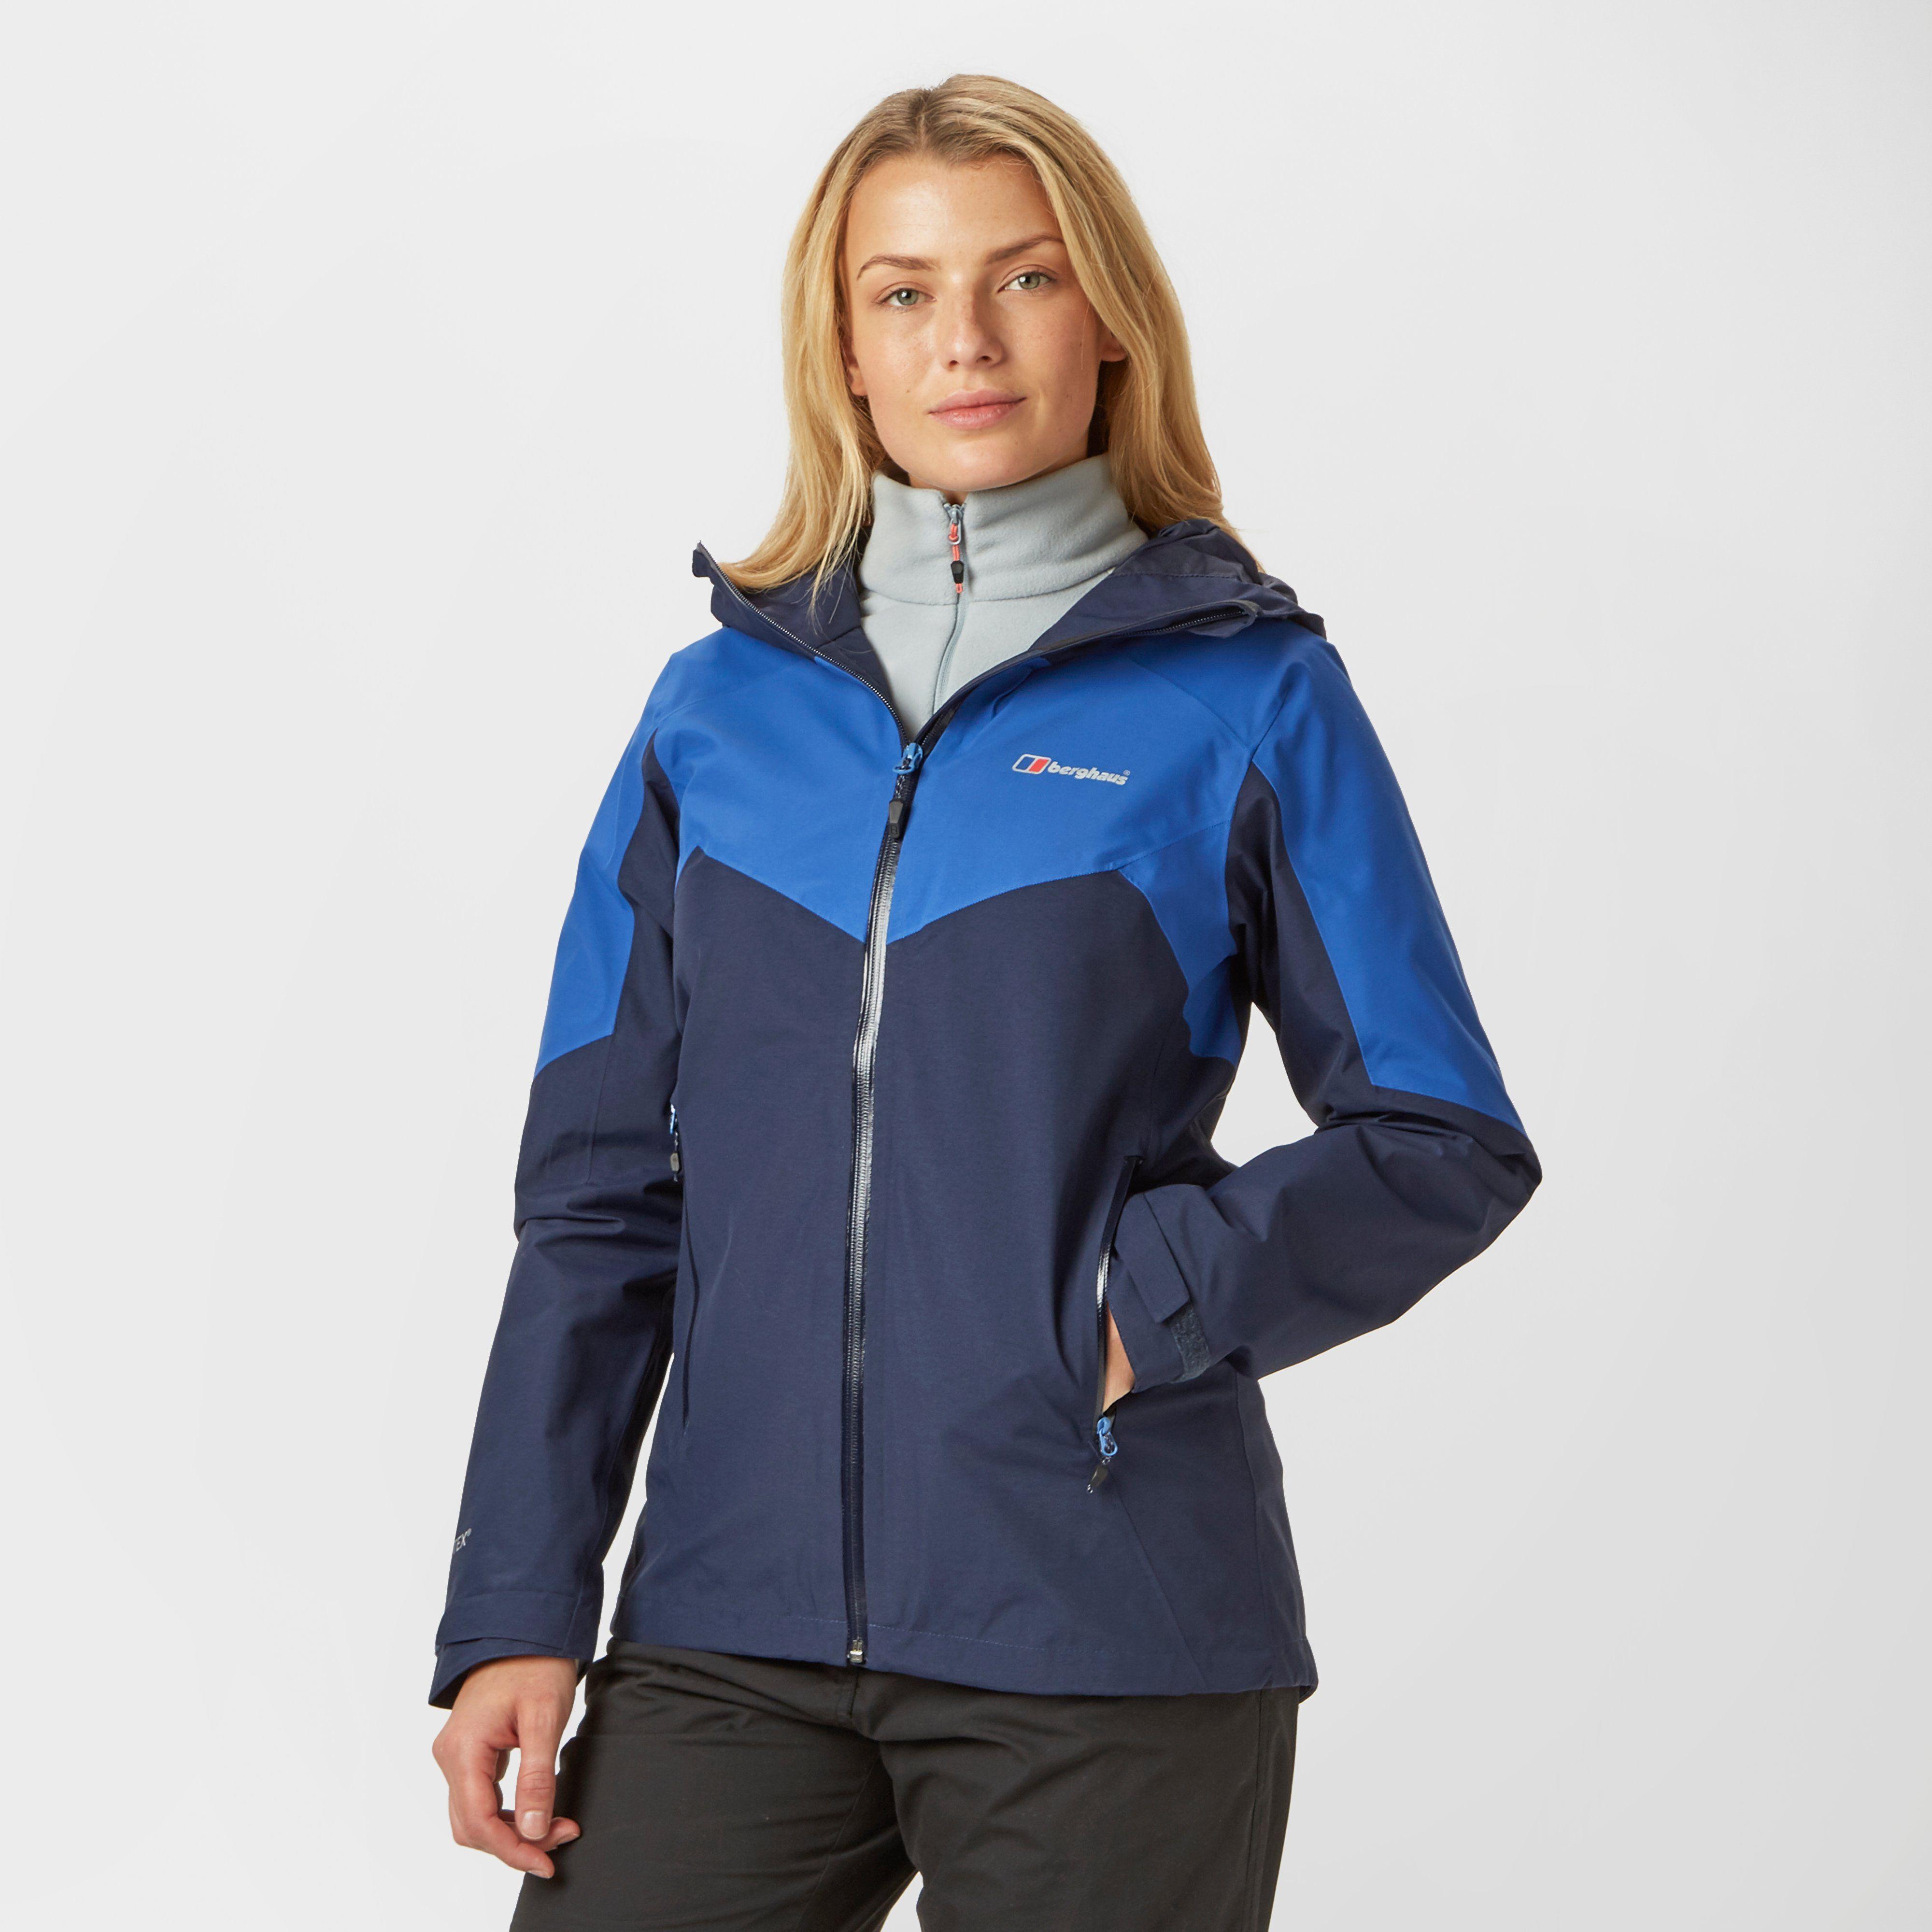 BERGHAUS Women's Ridgemaster GORE-TEX®Jacket